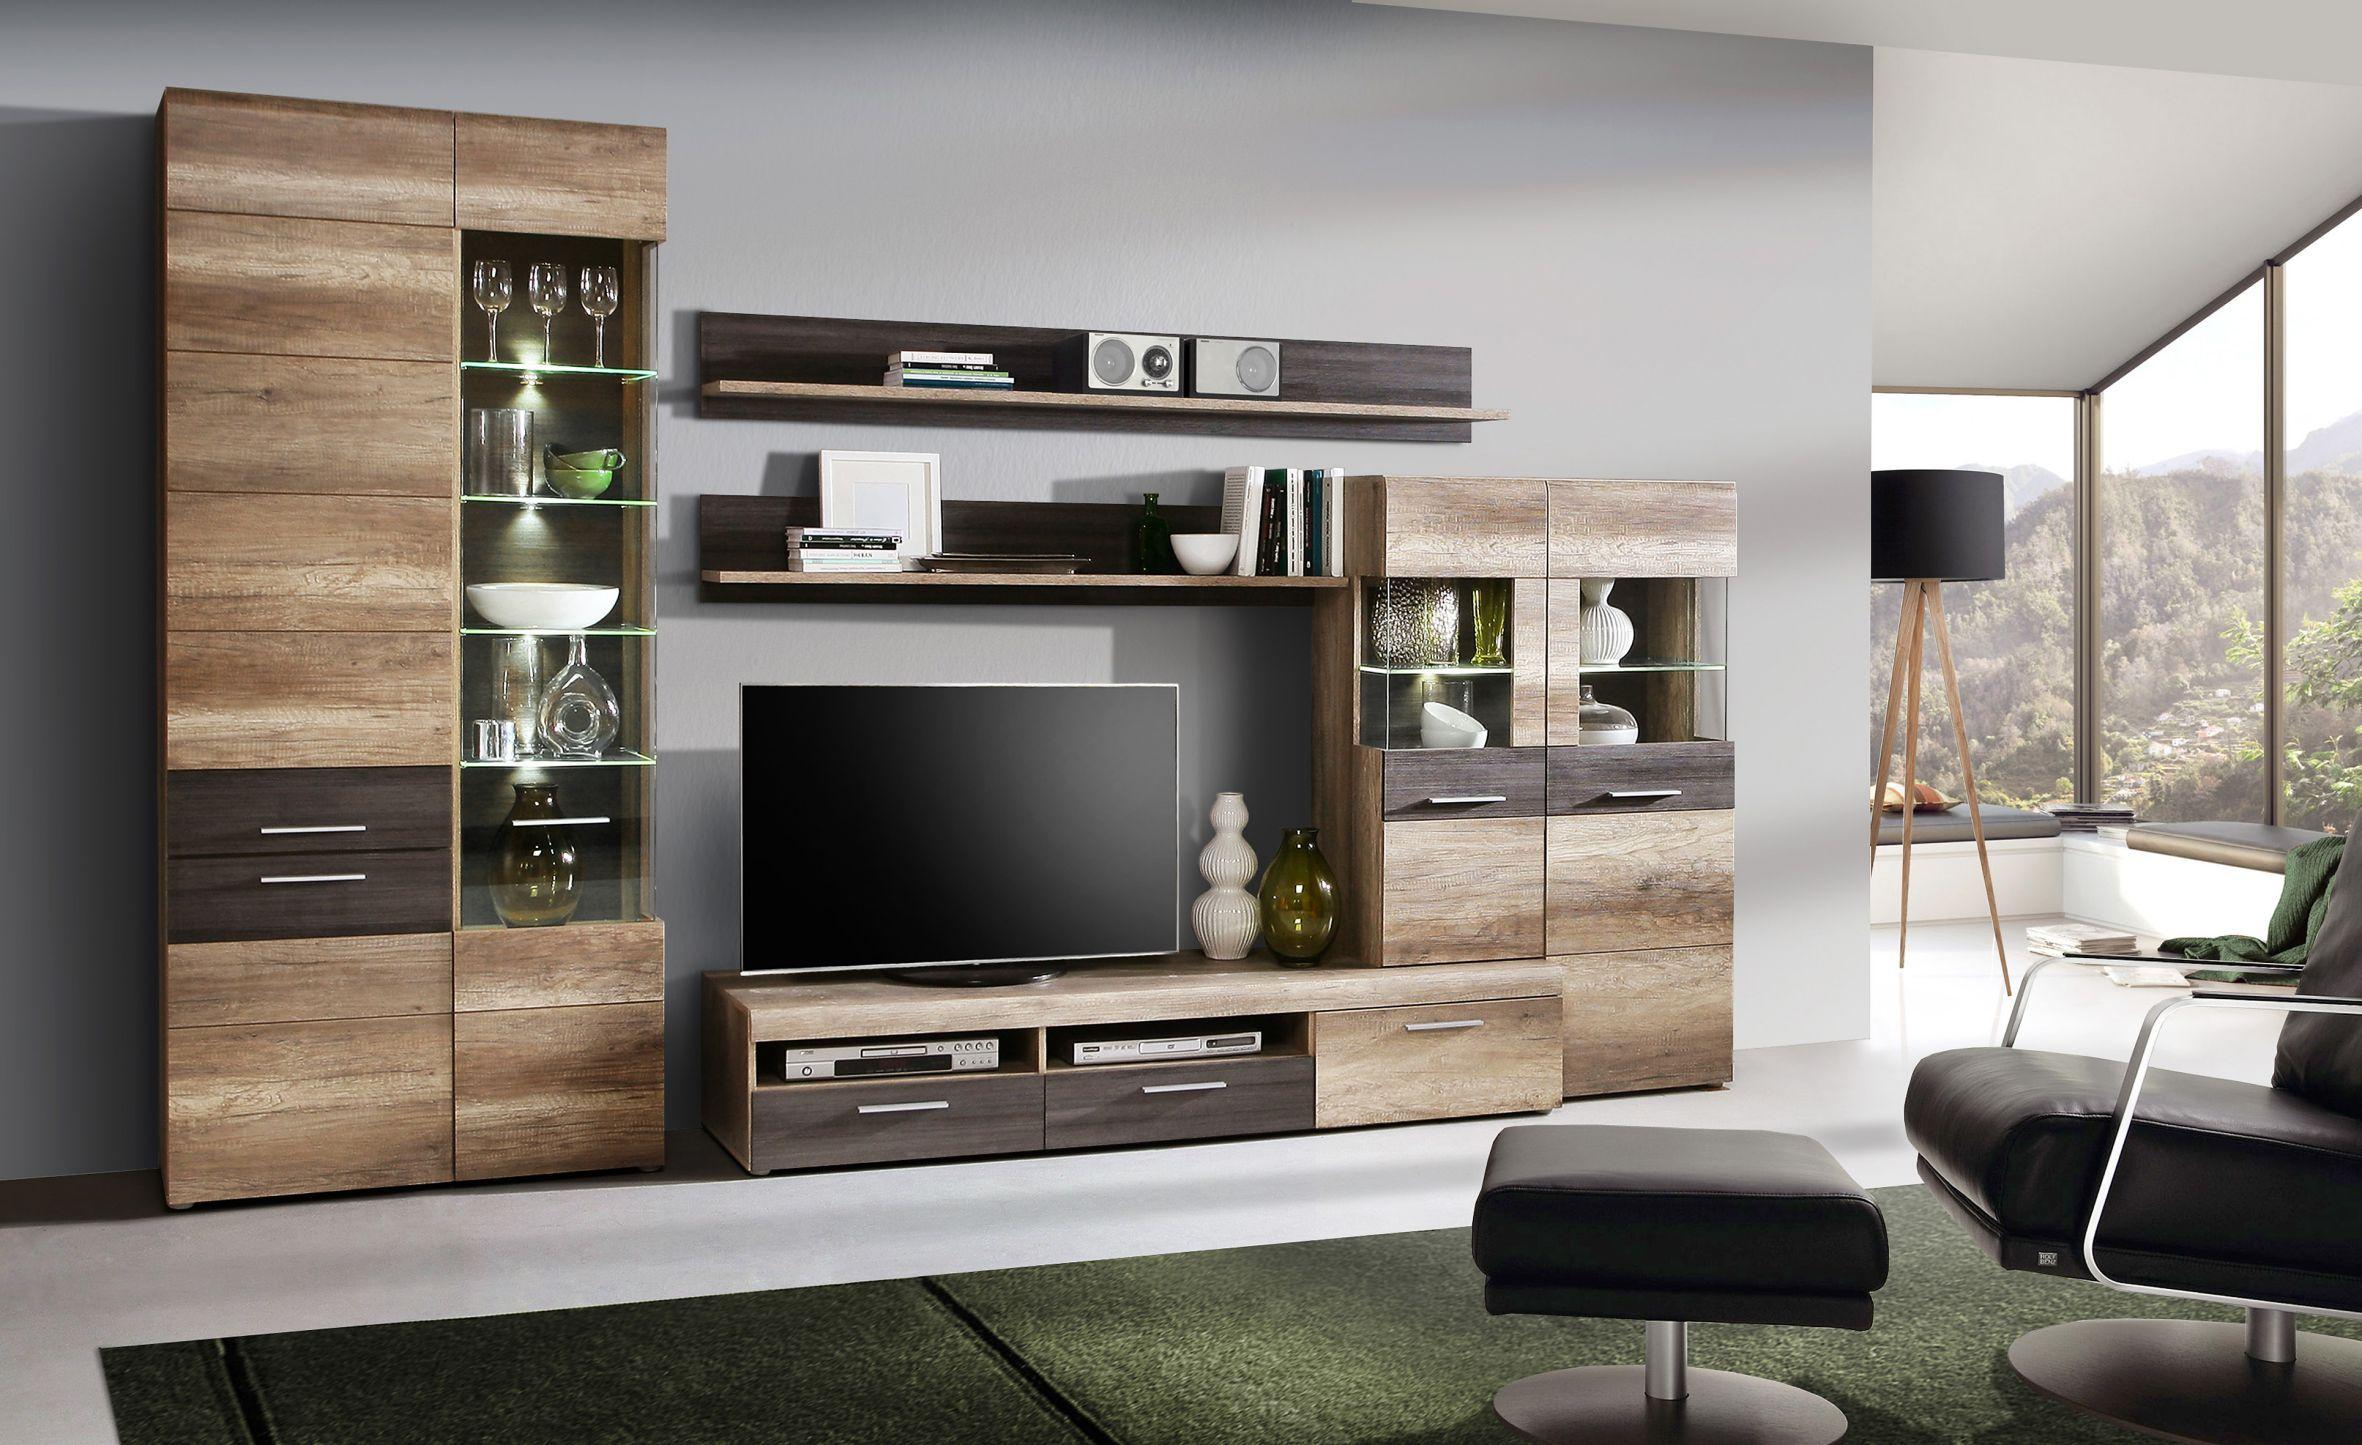 Diese Wohnprogramm setzt mit ihrem trendigen Design tolle ...